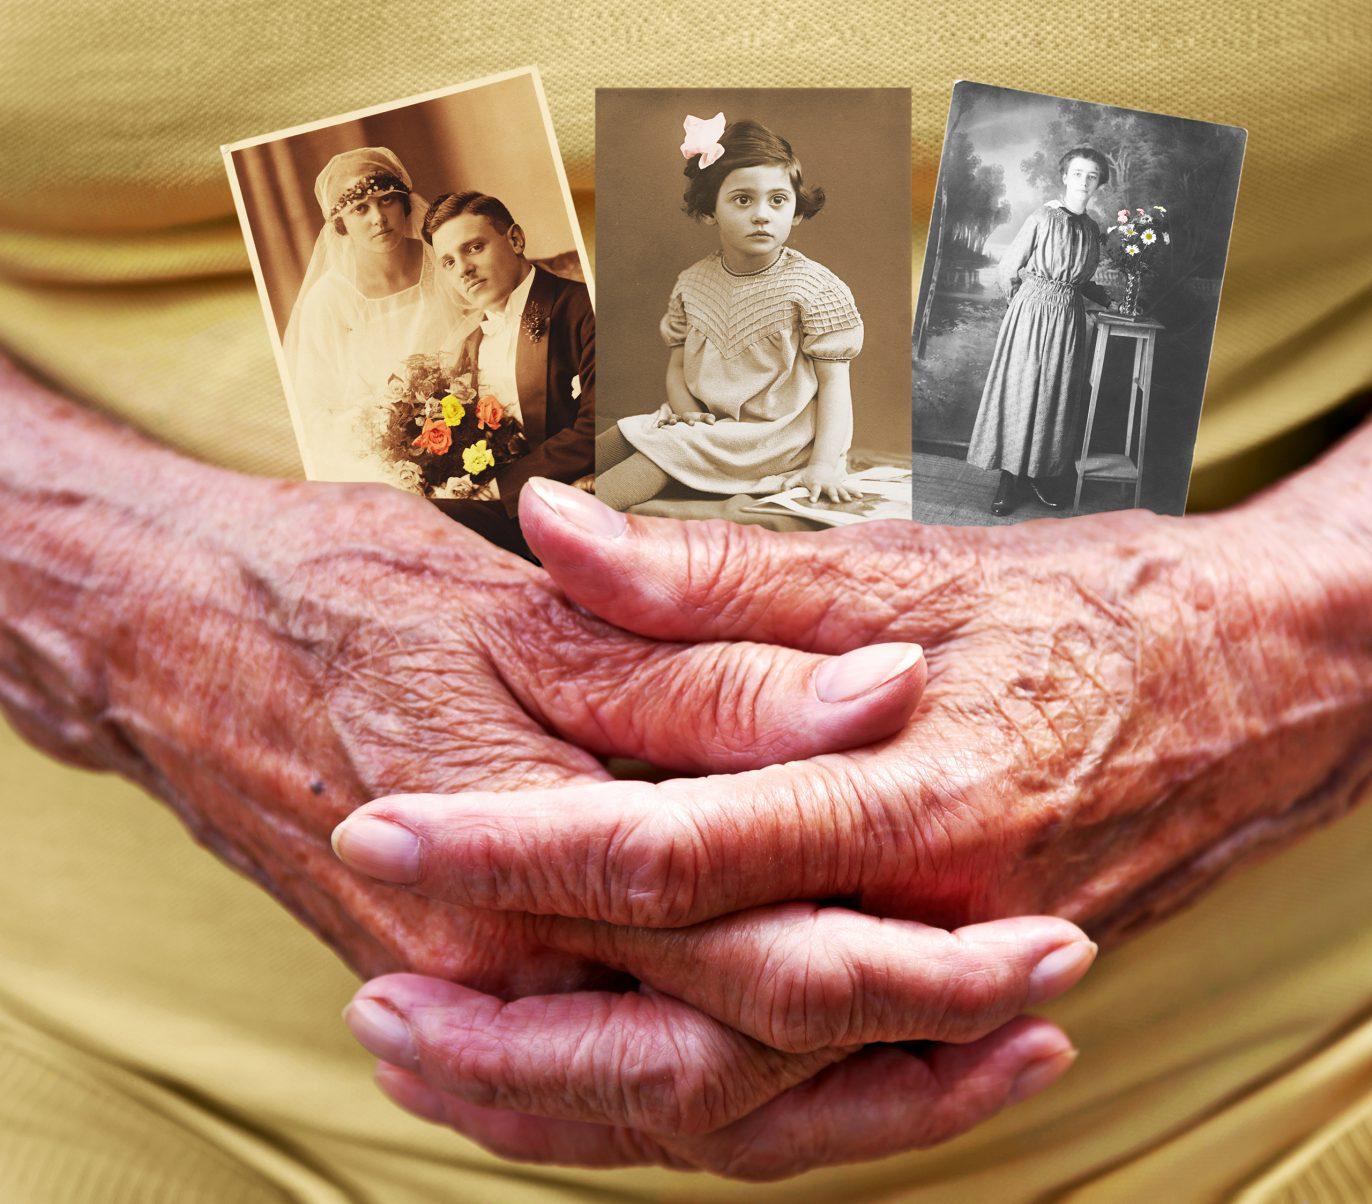 Drei Schwarz-Weiß-Fotos in den Händen einer älteren Person.